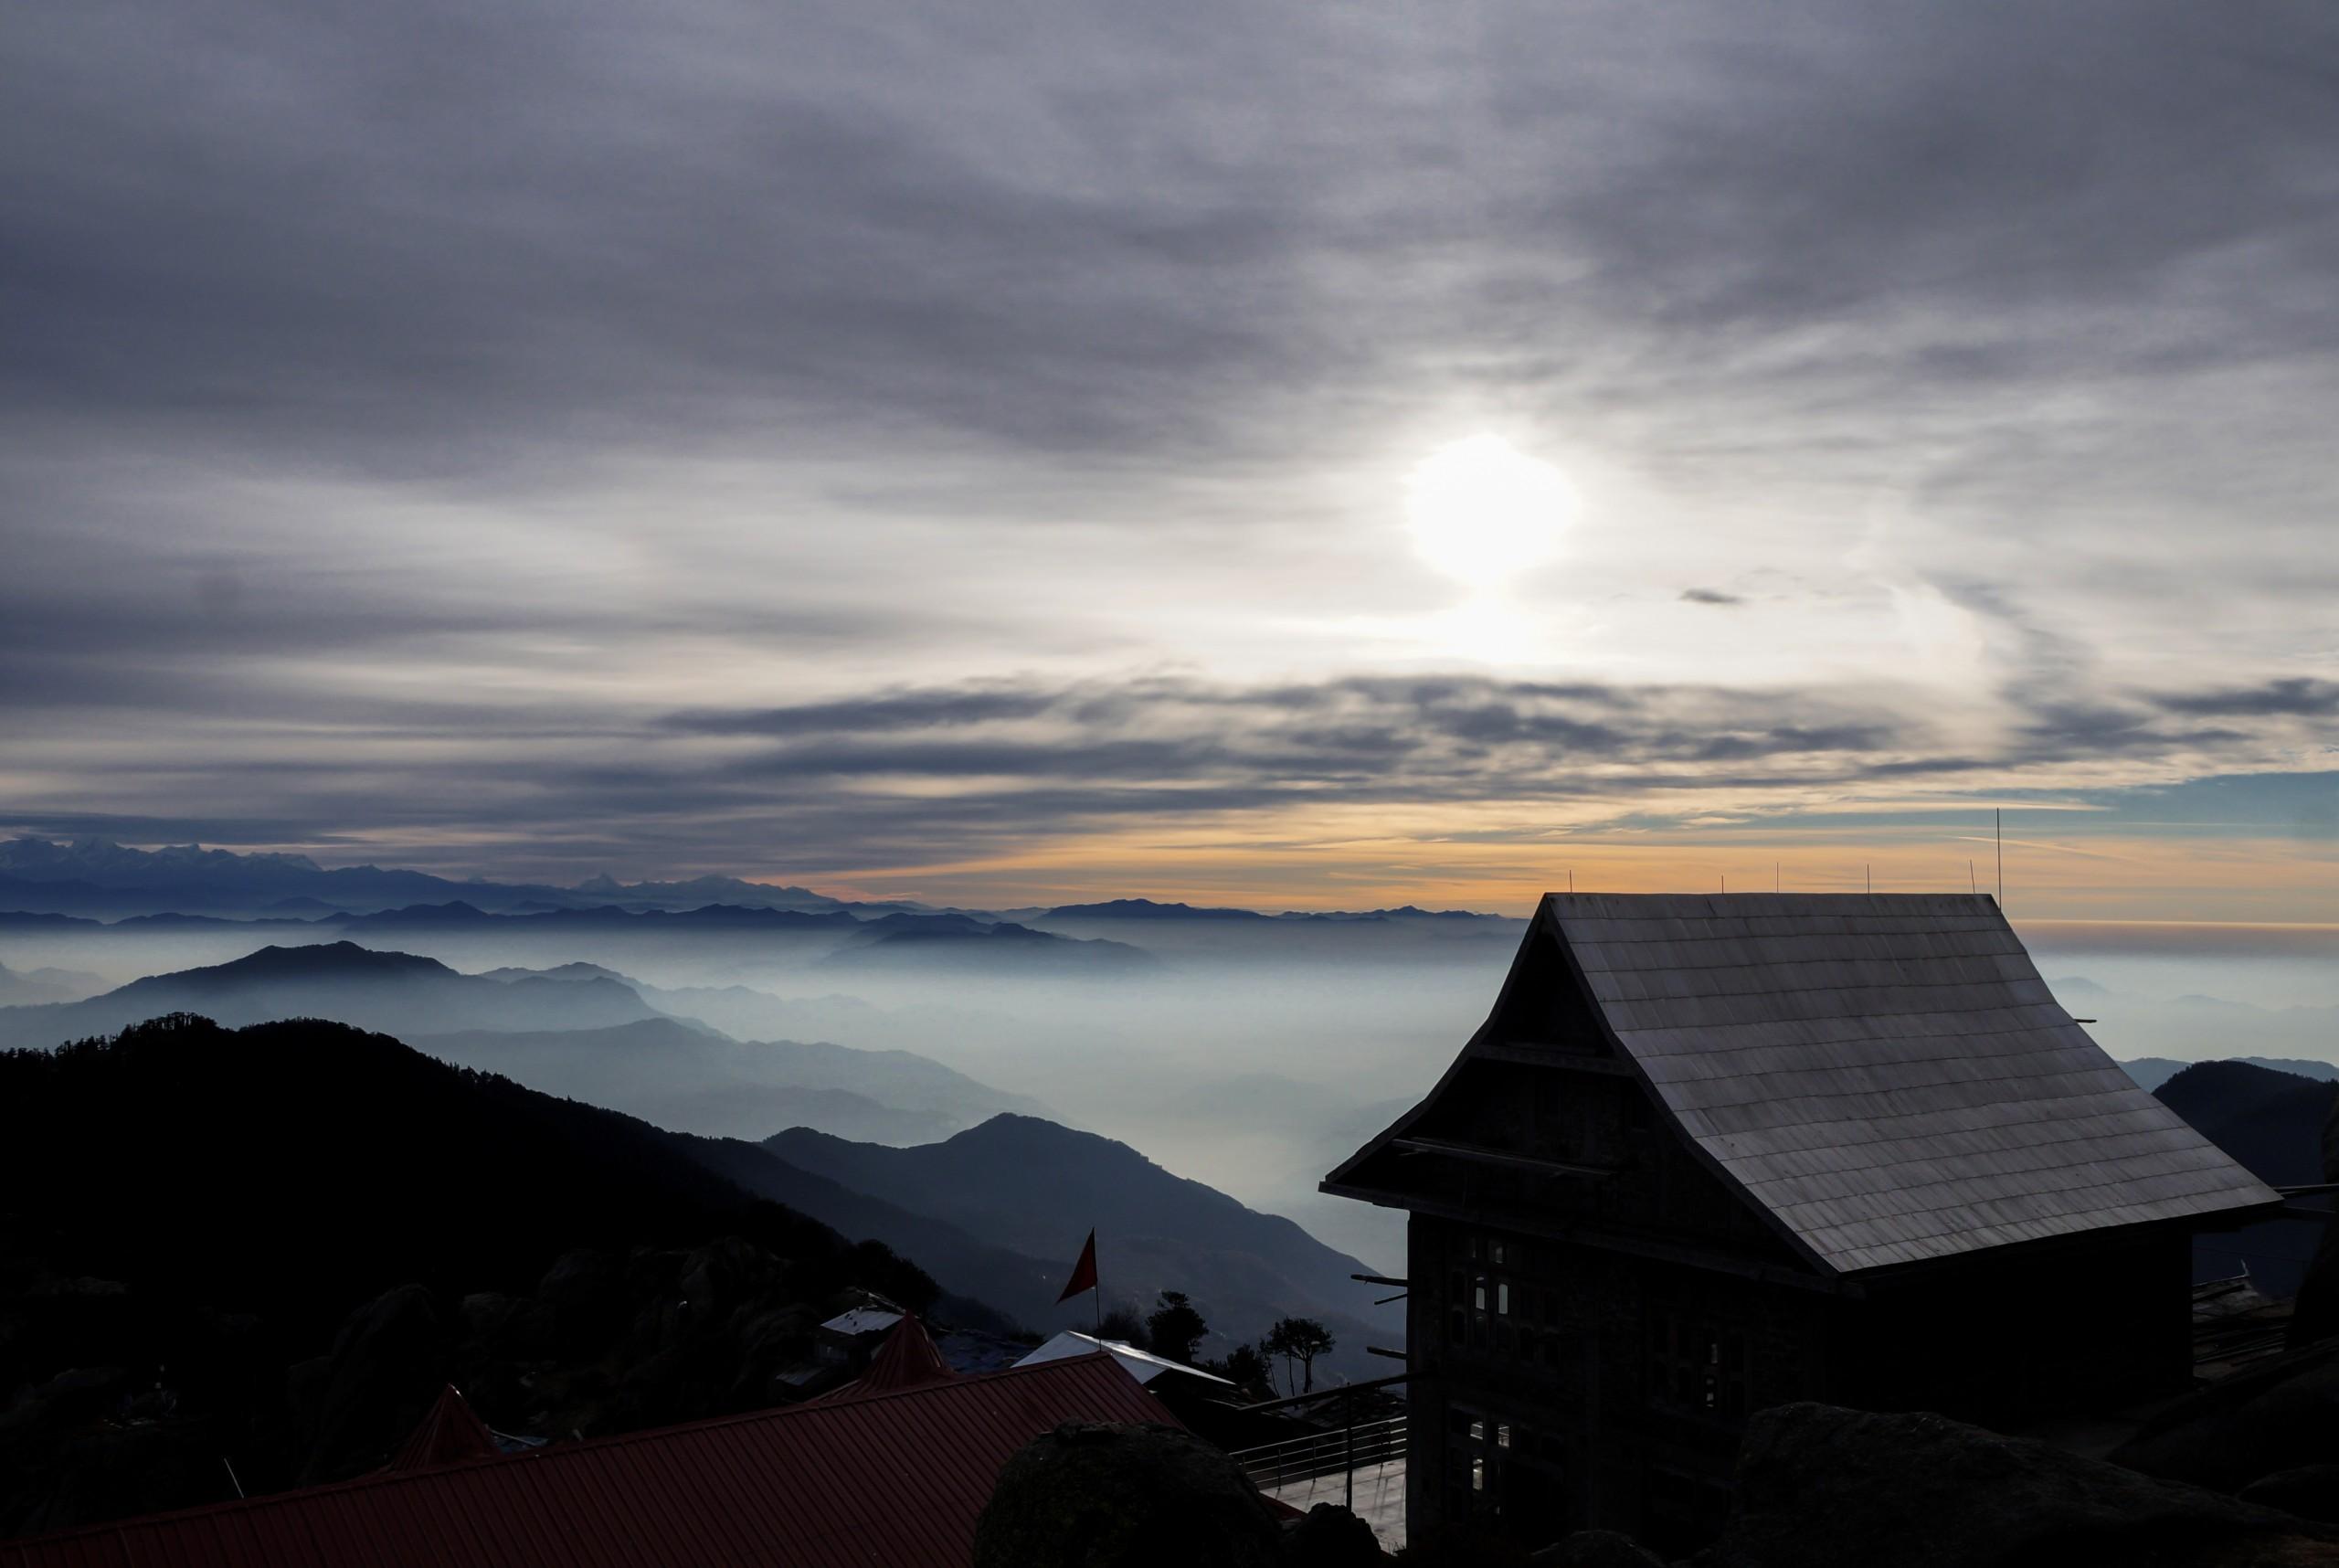 Beautiful Mountains and Hut